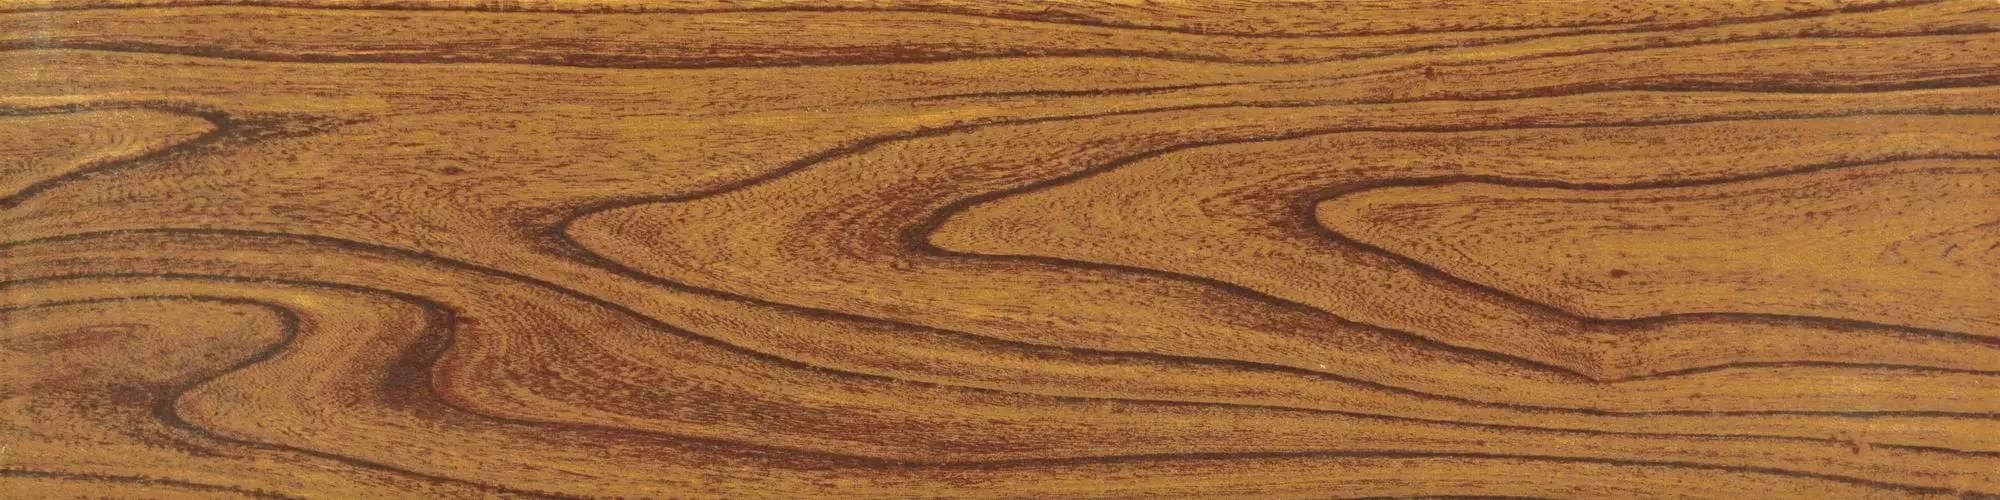 老榆木纹理图片大全